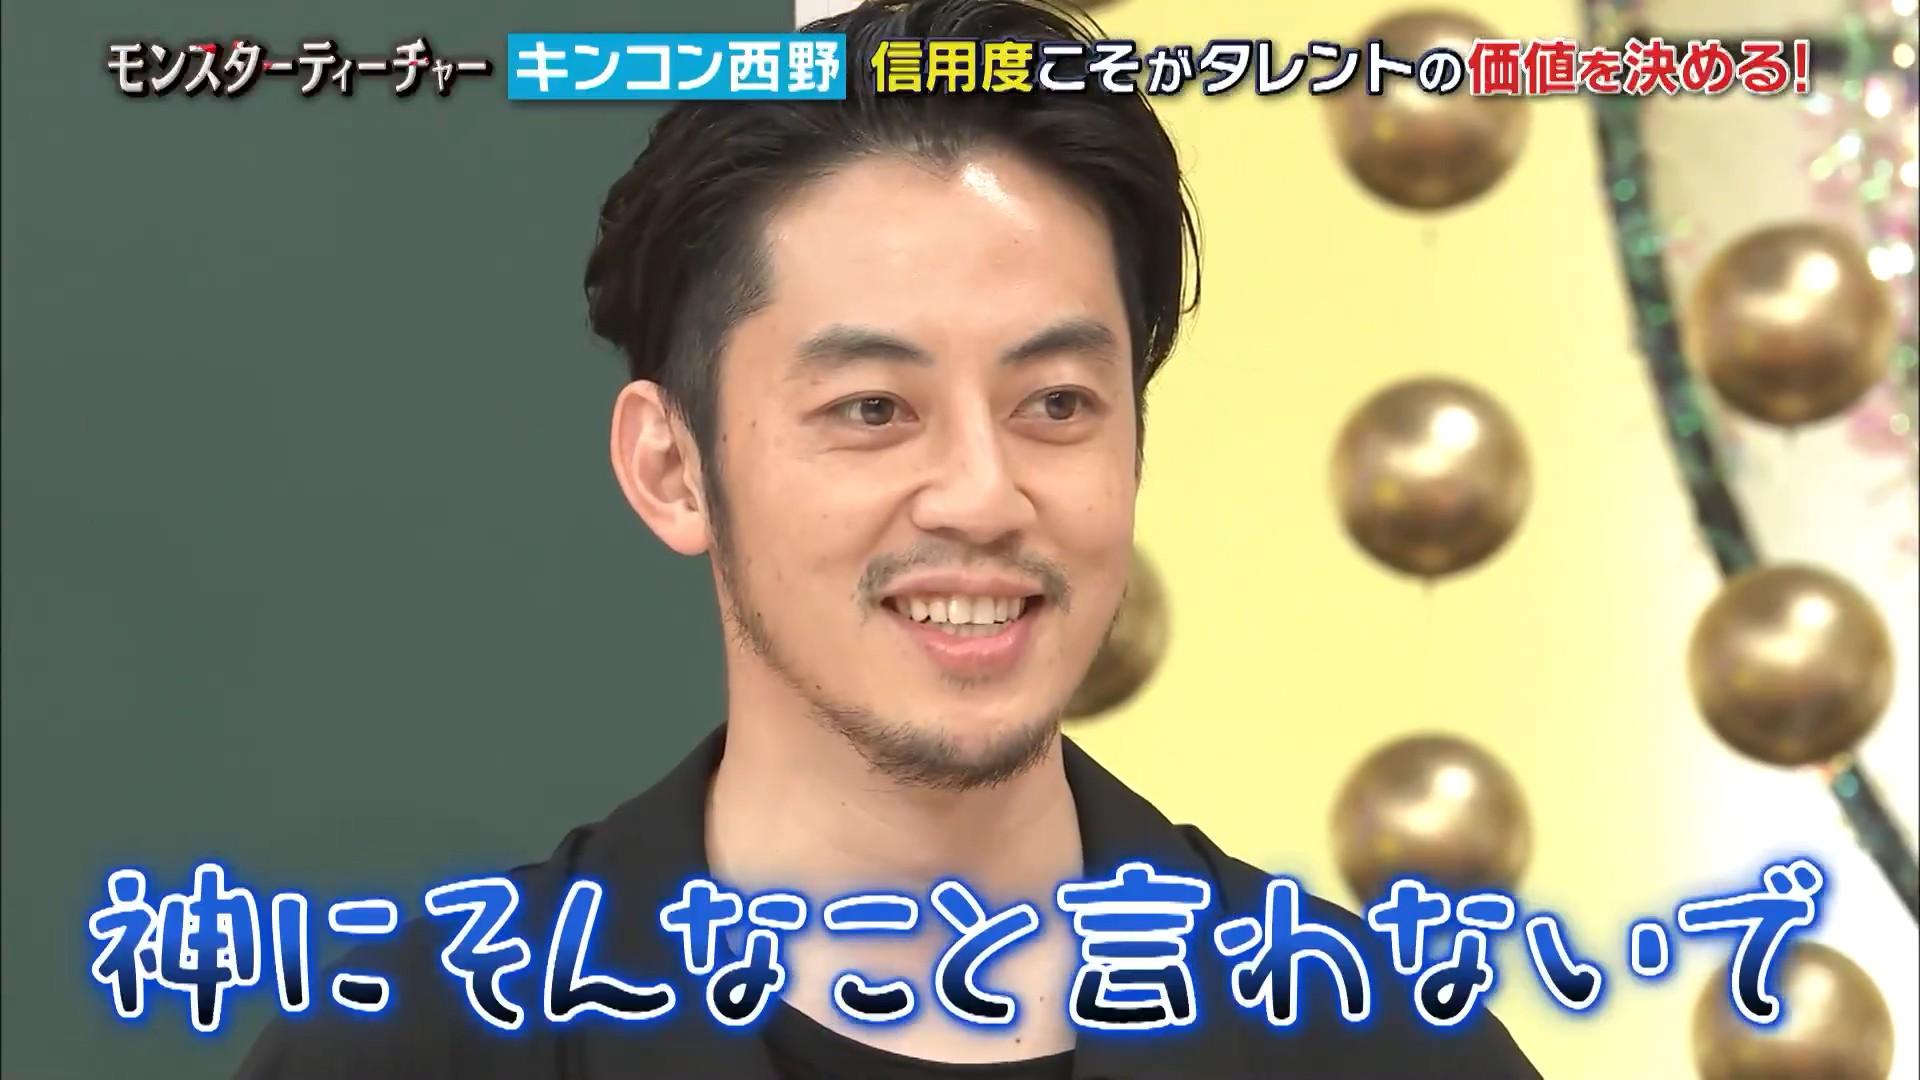 【プペ悲報】プペル西野さん、オウム松本さんの再来と呼ばれはじめる(画像あり)